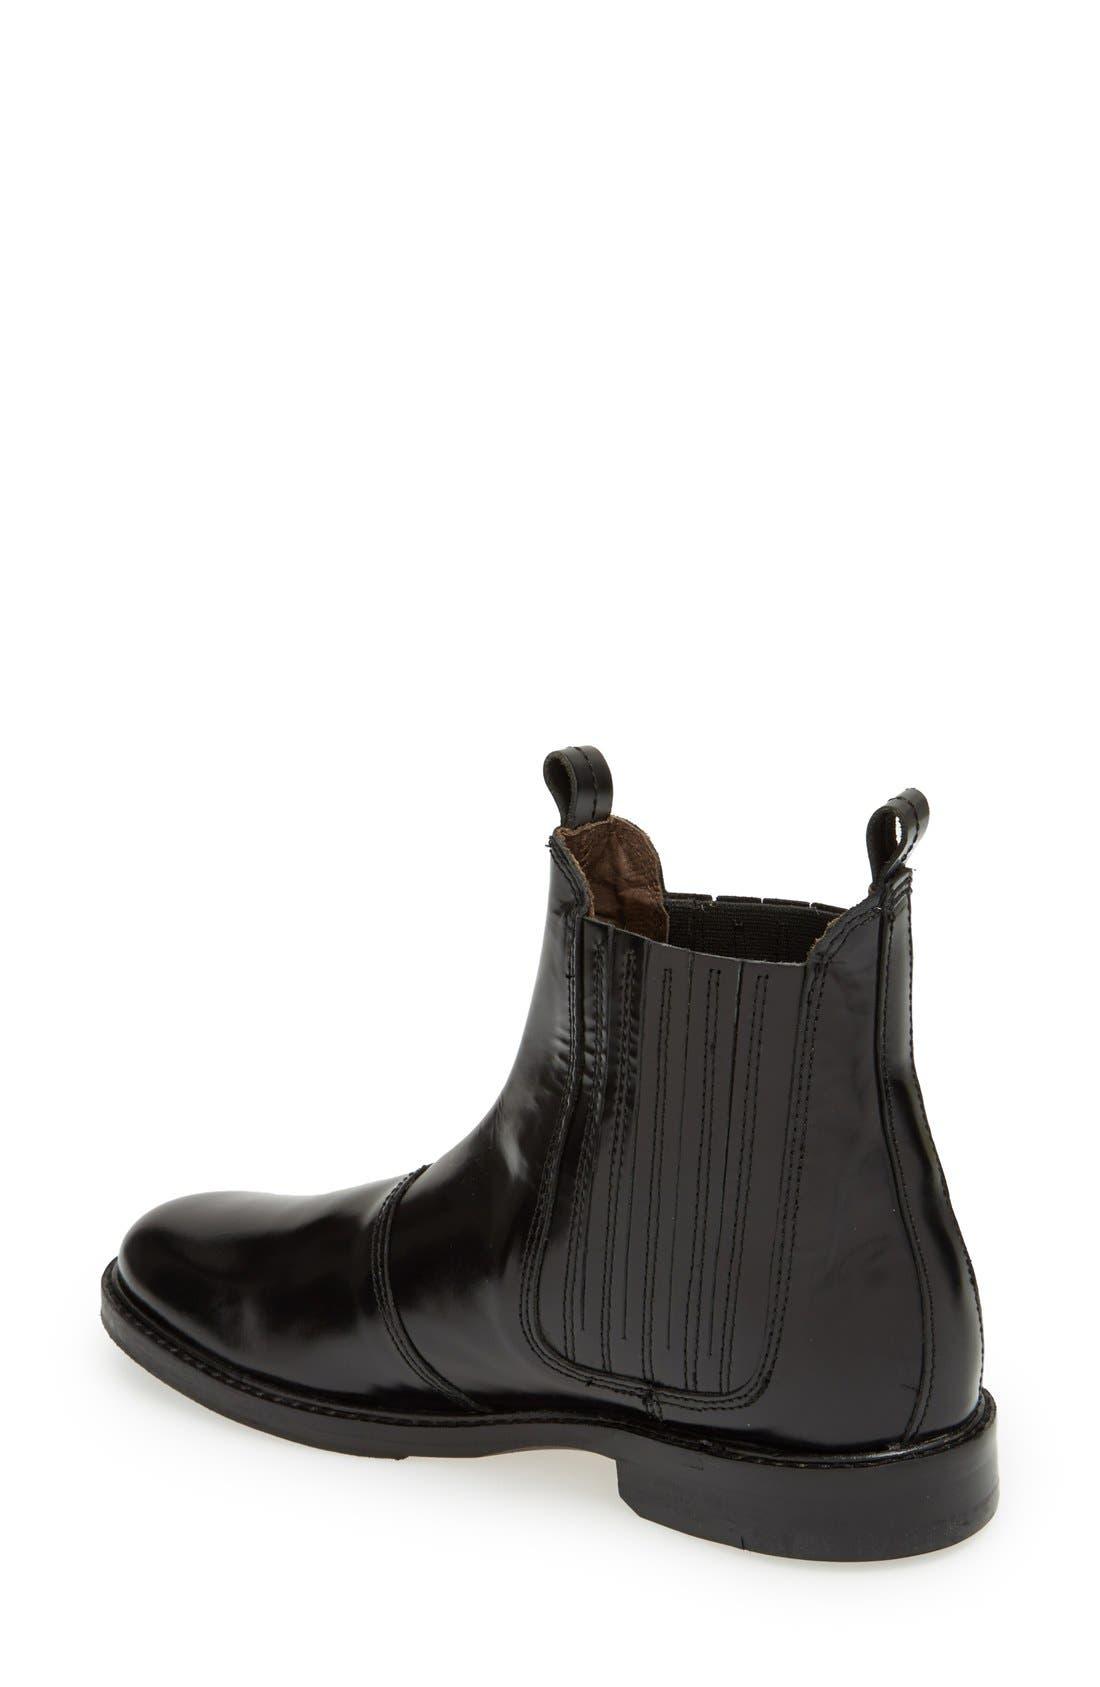 Alternate Image 2  - H by Hudson 'Tafler' Leather Chelsea Boot (Women)